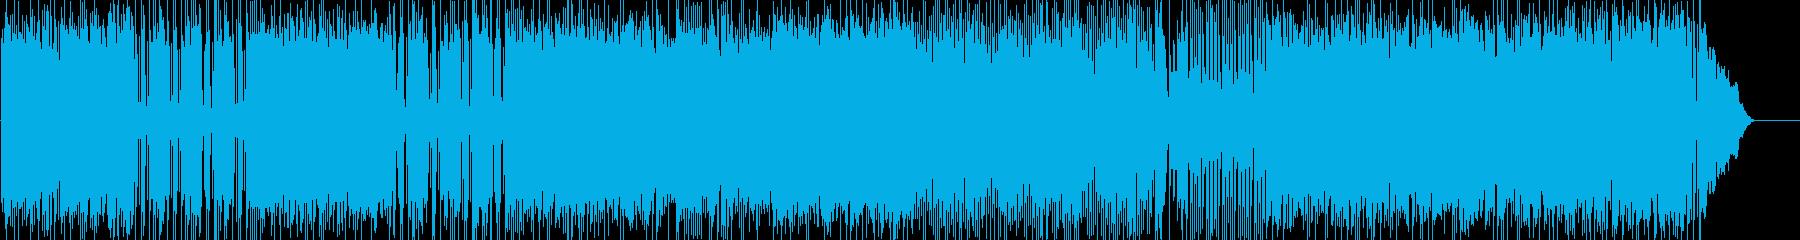 ノスタルジックなポップロックの再生済みの波形